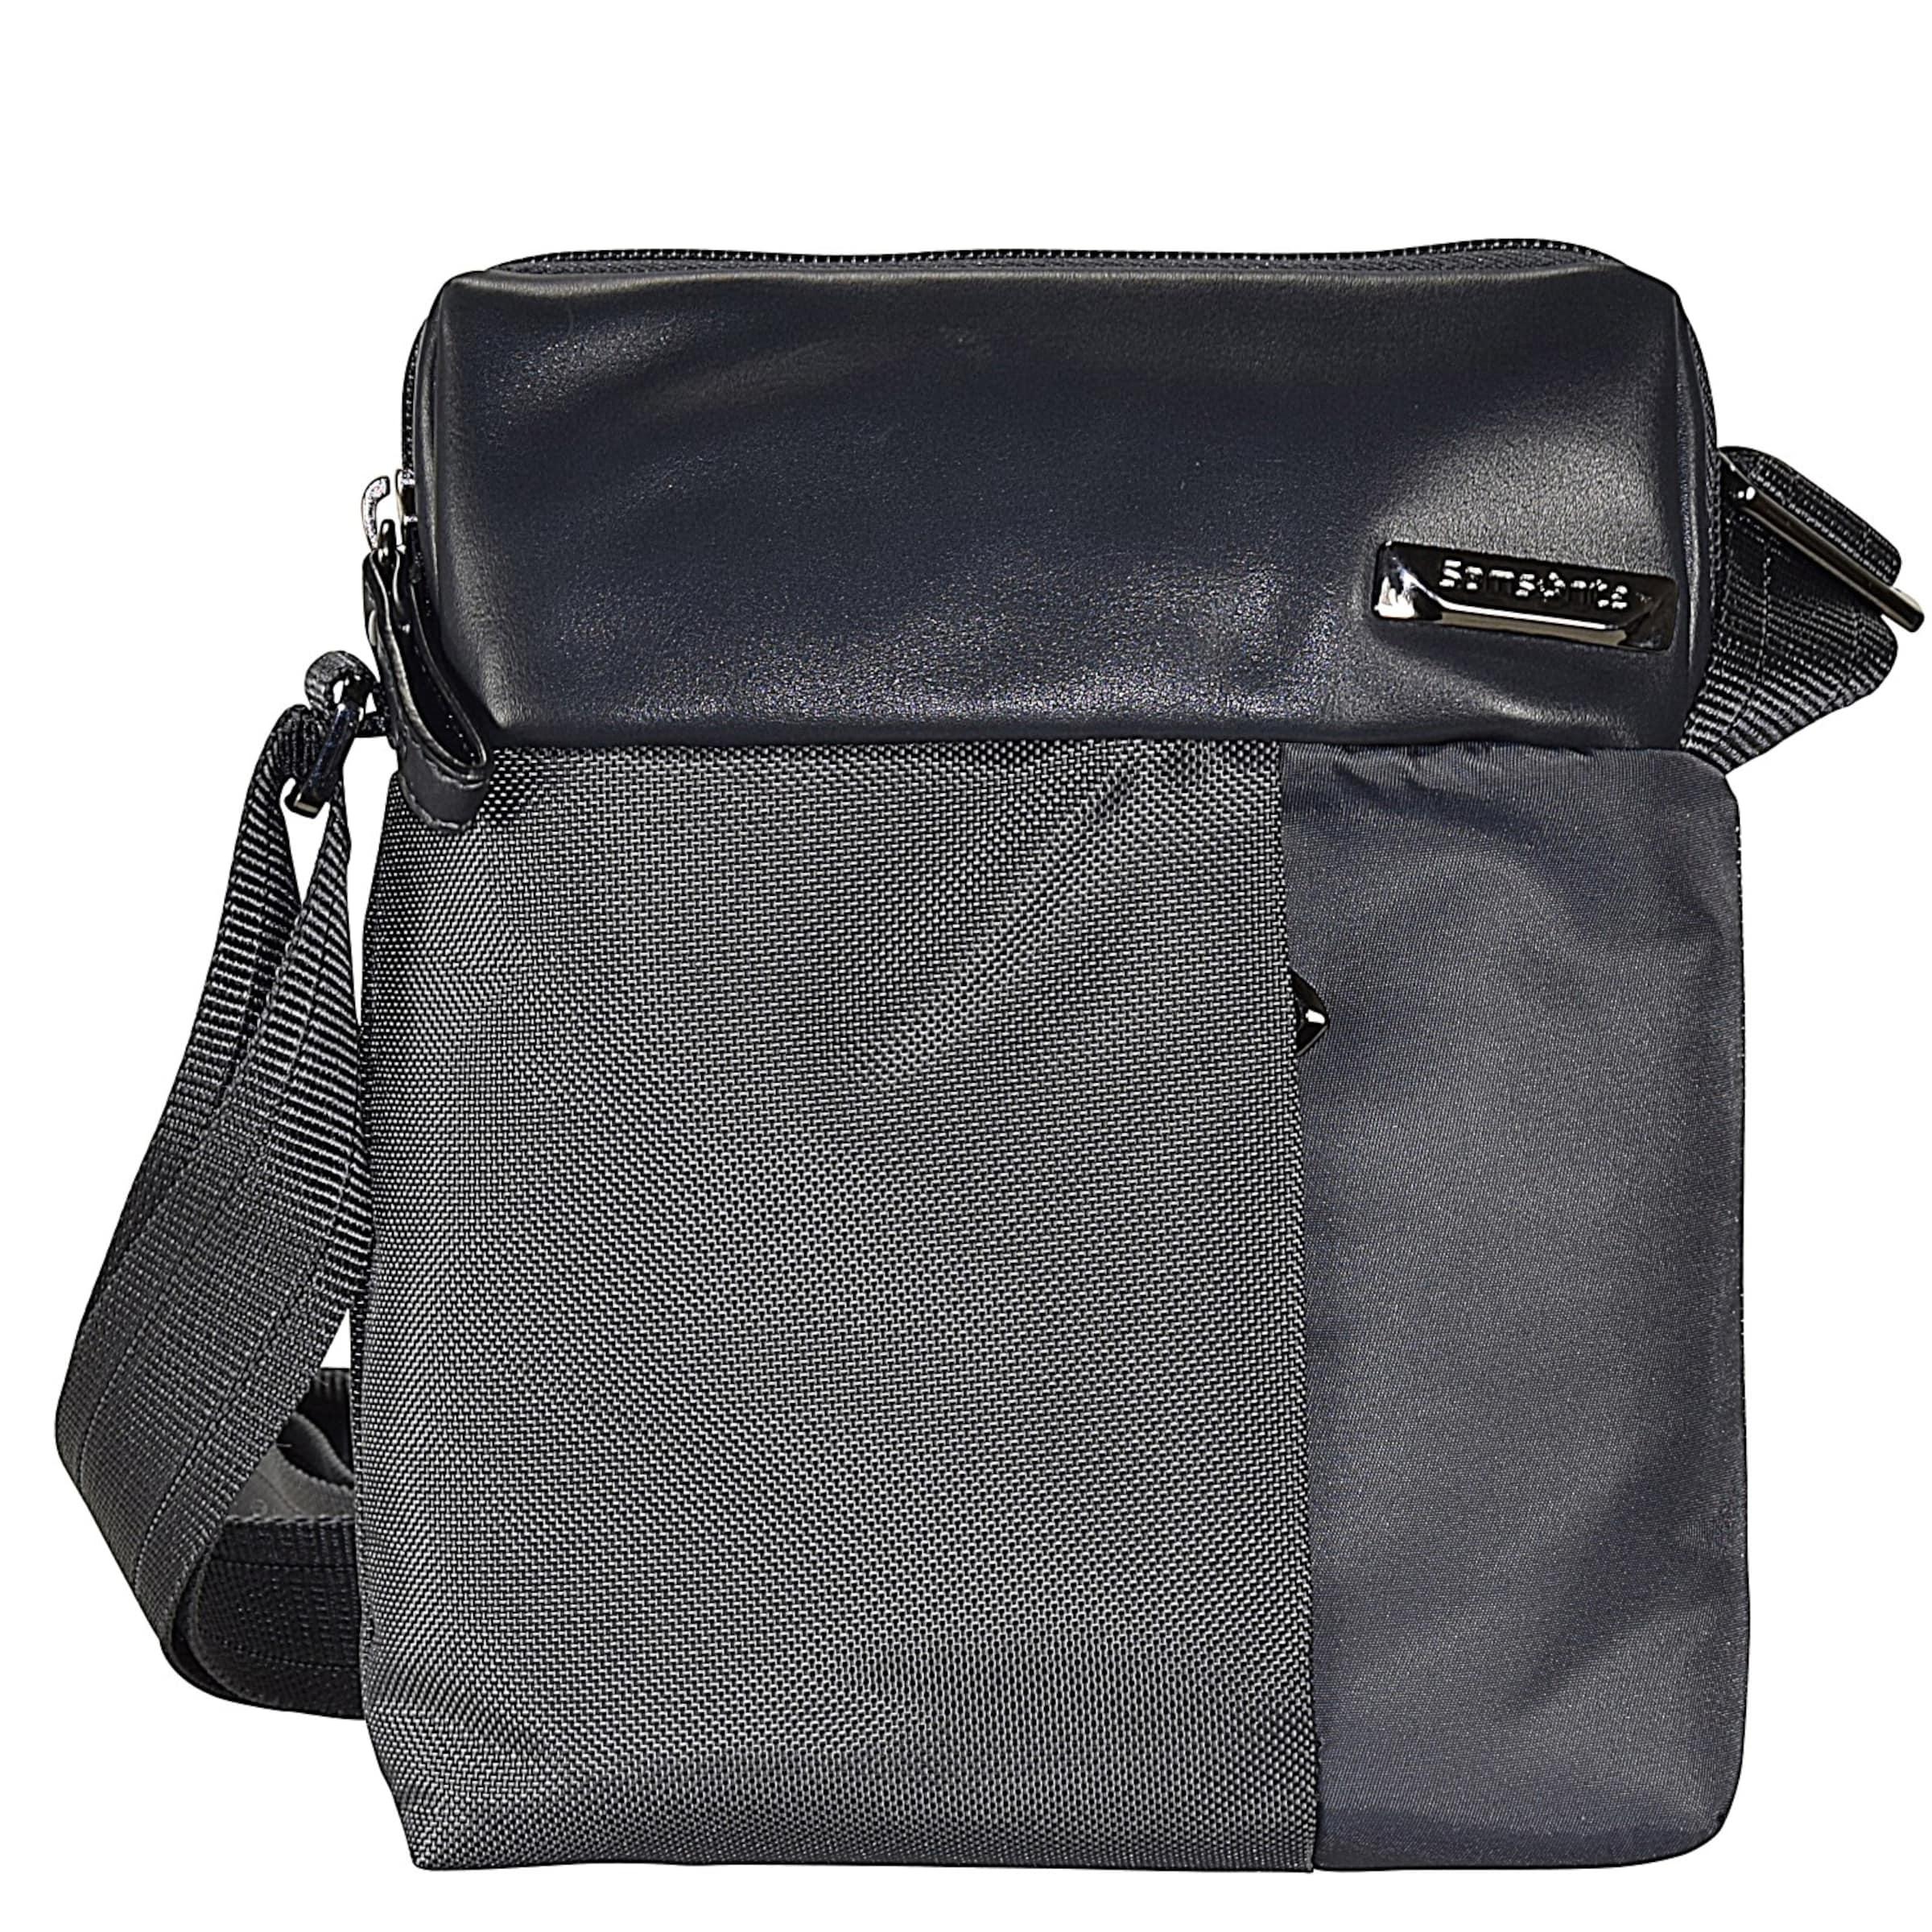 SAMSONITE Hip-Tech Umhängetasche 18 cm Verkauf Neuer Modestil Auslass Klassisch Billige Auslass nVhkmXorZQ